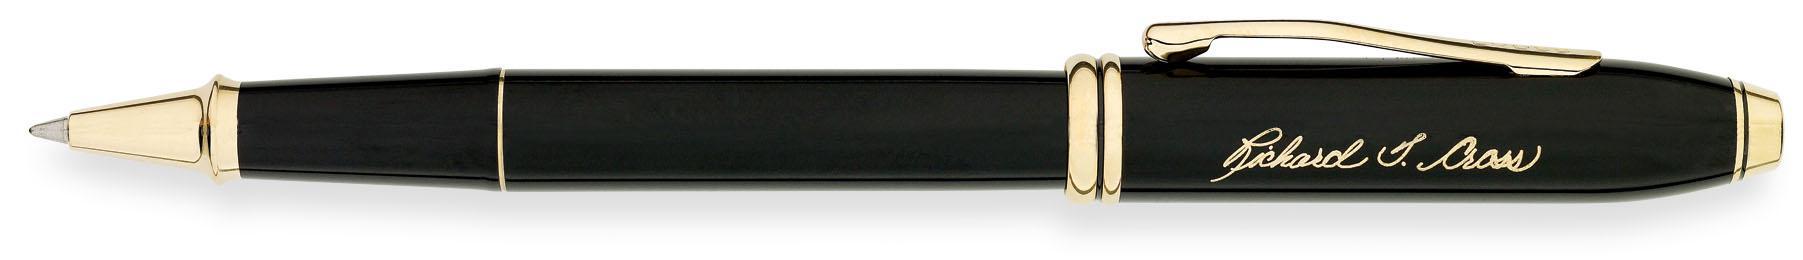 Cross Pen Townsend Roller Ball